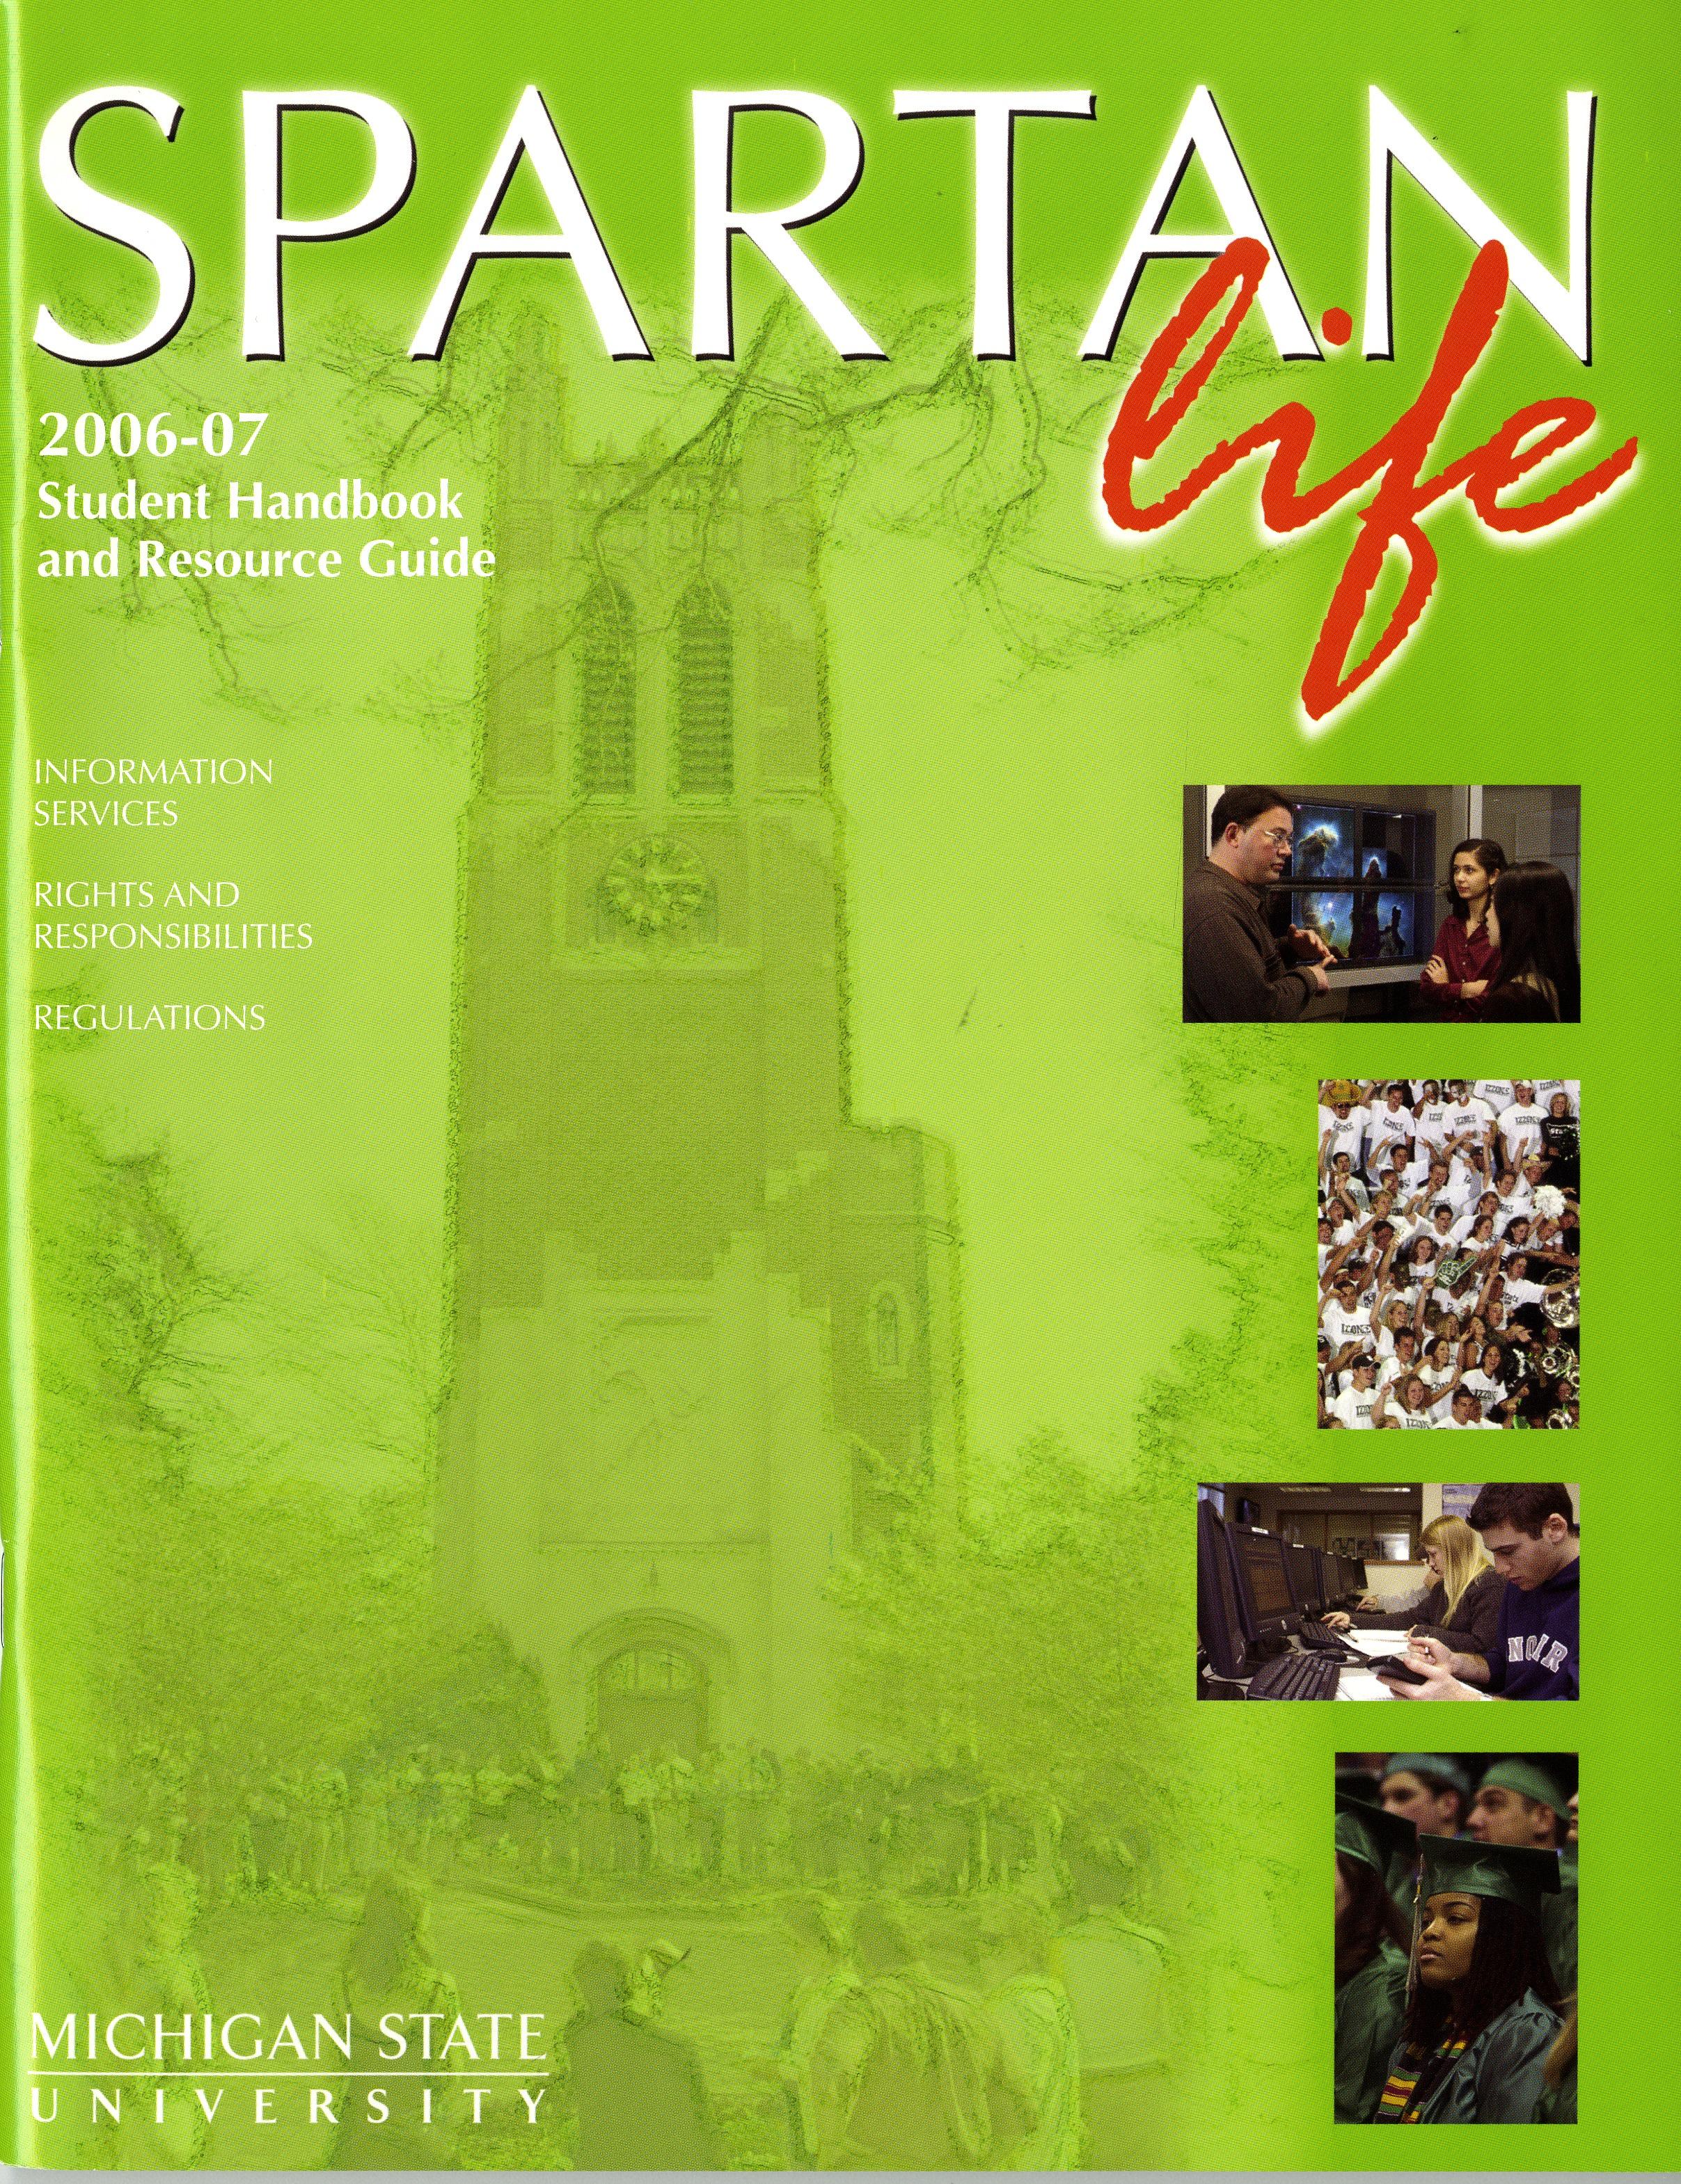 Student Handbook, 2006-2007